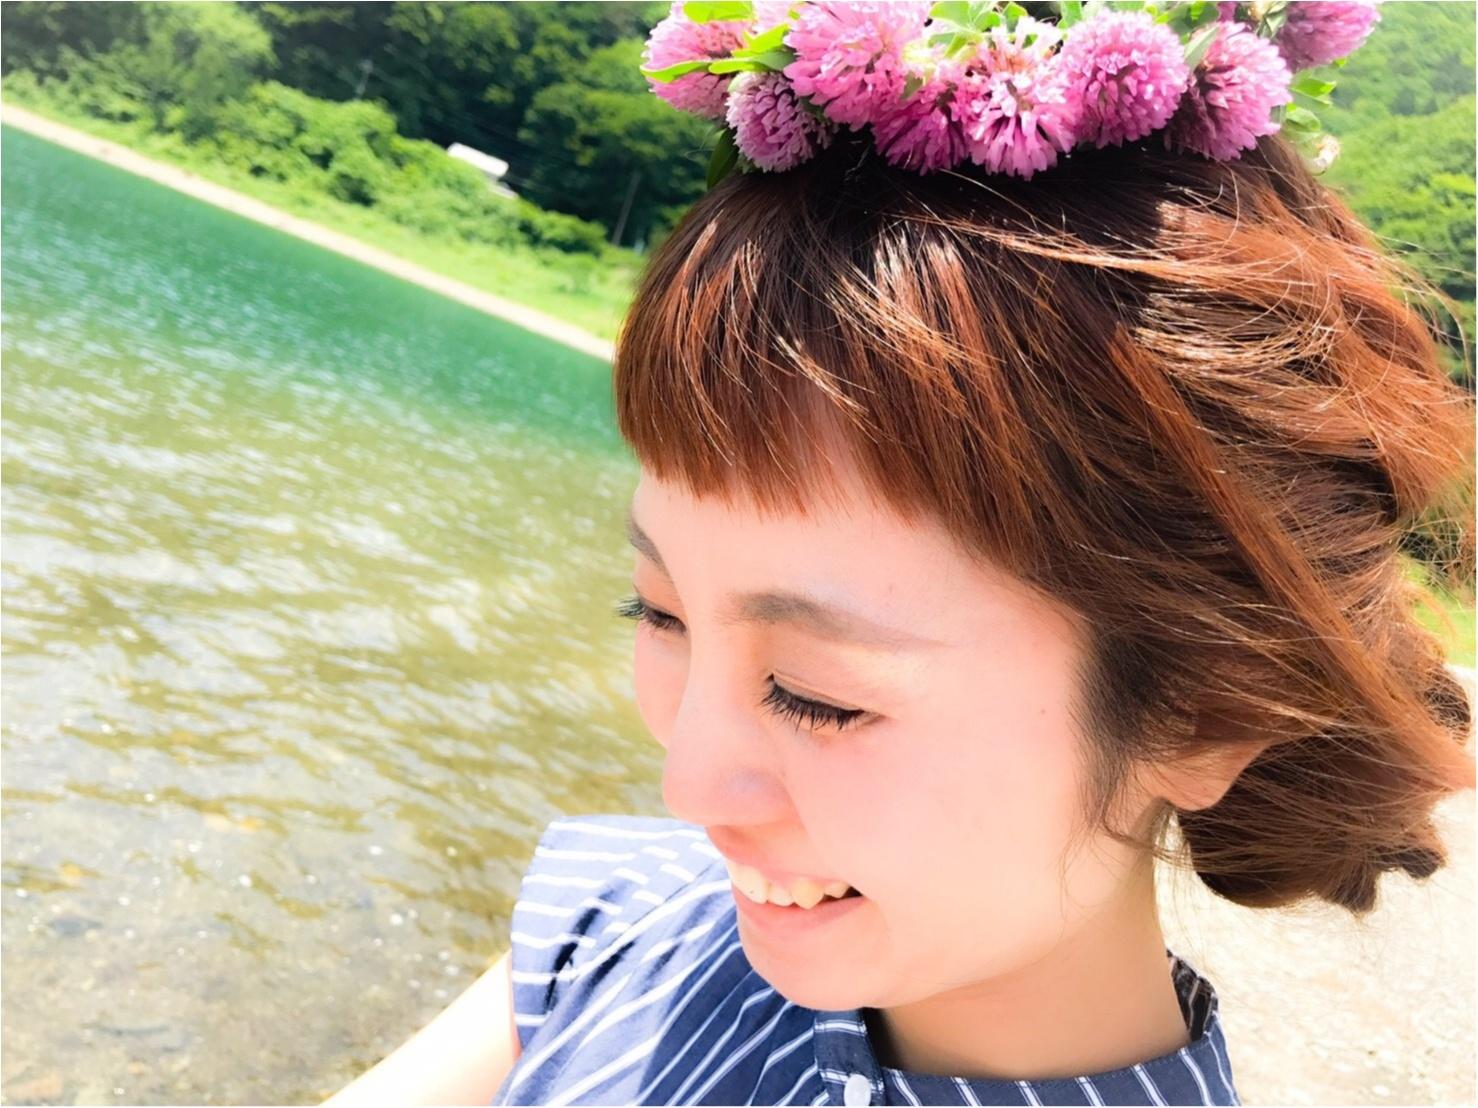 2017夏のトレンド☆ストライプ柄☆Flower Daysのストライプ柄のワンピースがかわいい♡_2